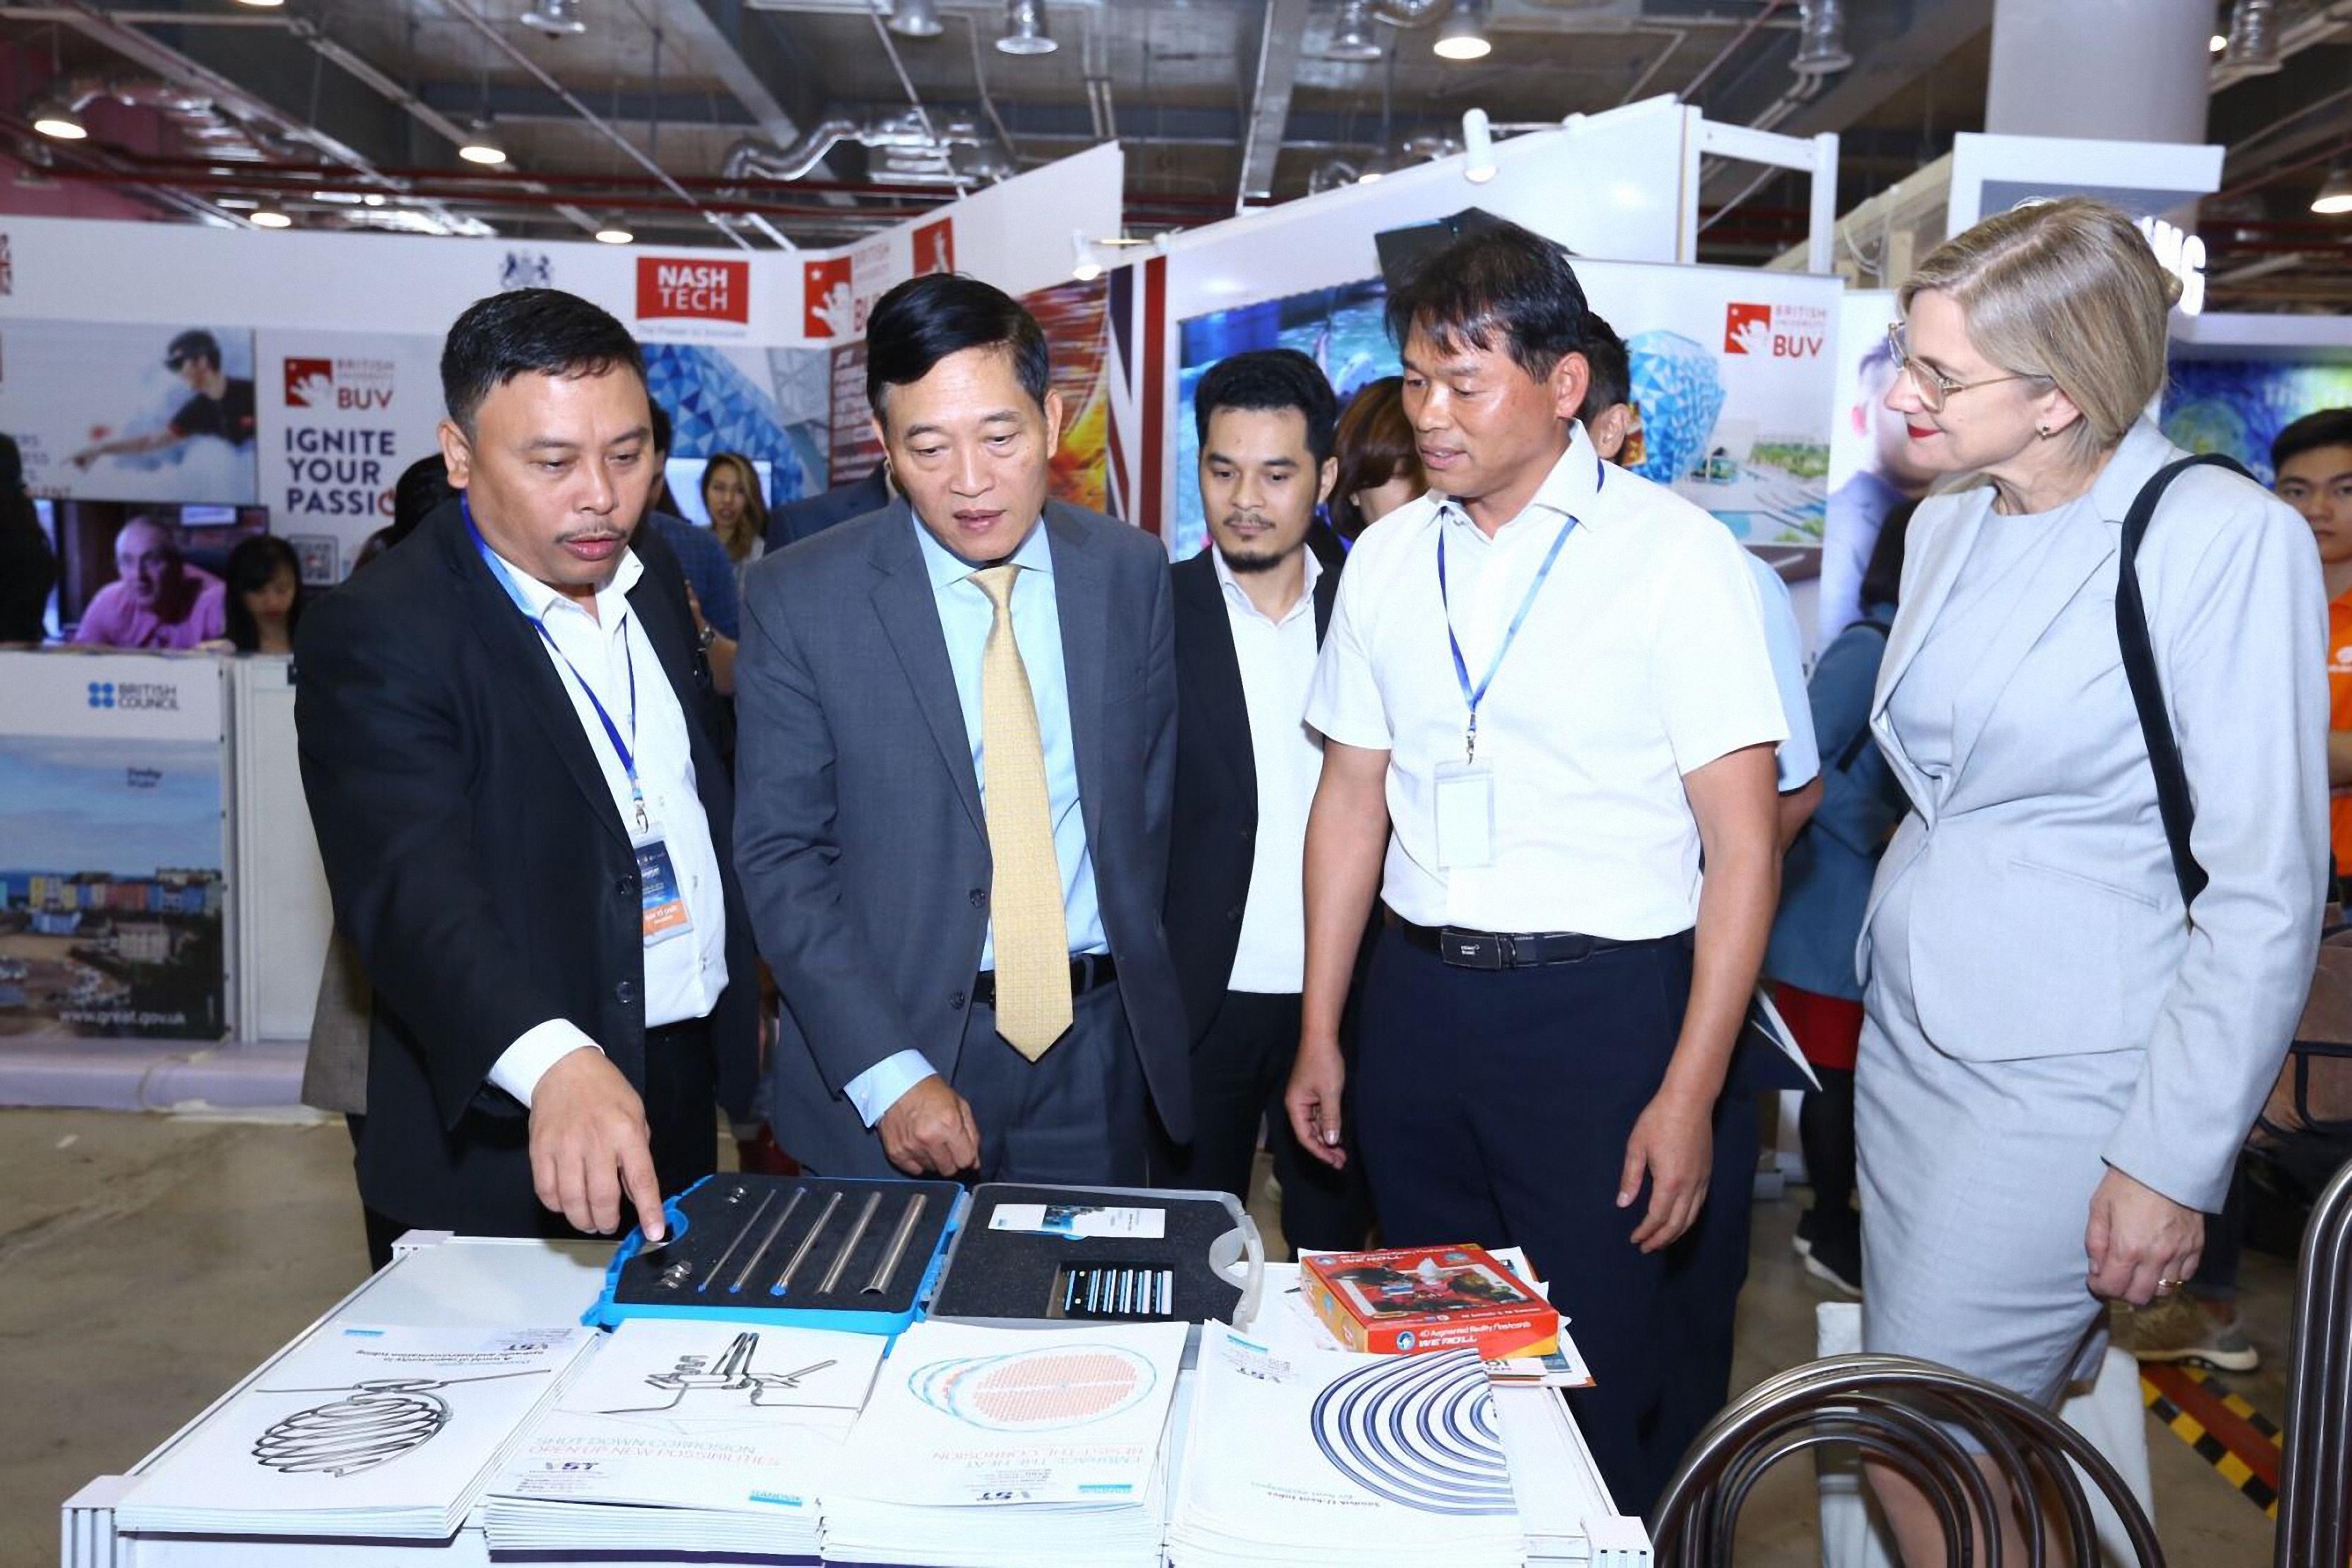 Thứ trưởng Bộ KH&CN Trần Văn Tùng tại Triển lãm Techfest 2019. Ảnh: vkist